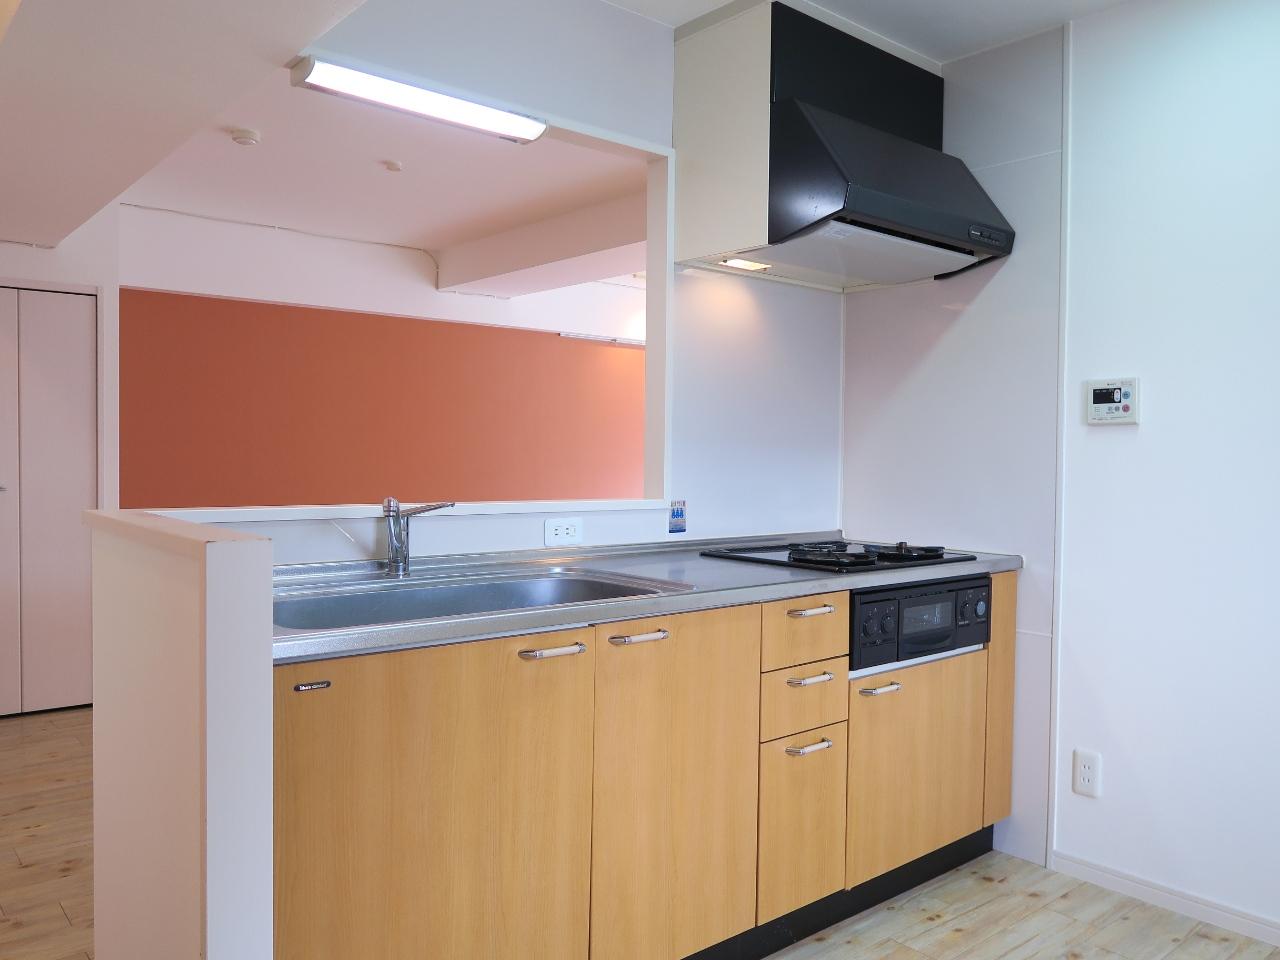 キッチンはカウンタータイプになっています。作業スペースも広々としているので、二人で並んで立ってご飯をつくることも楽しめそうですね。